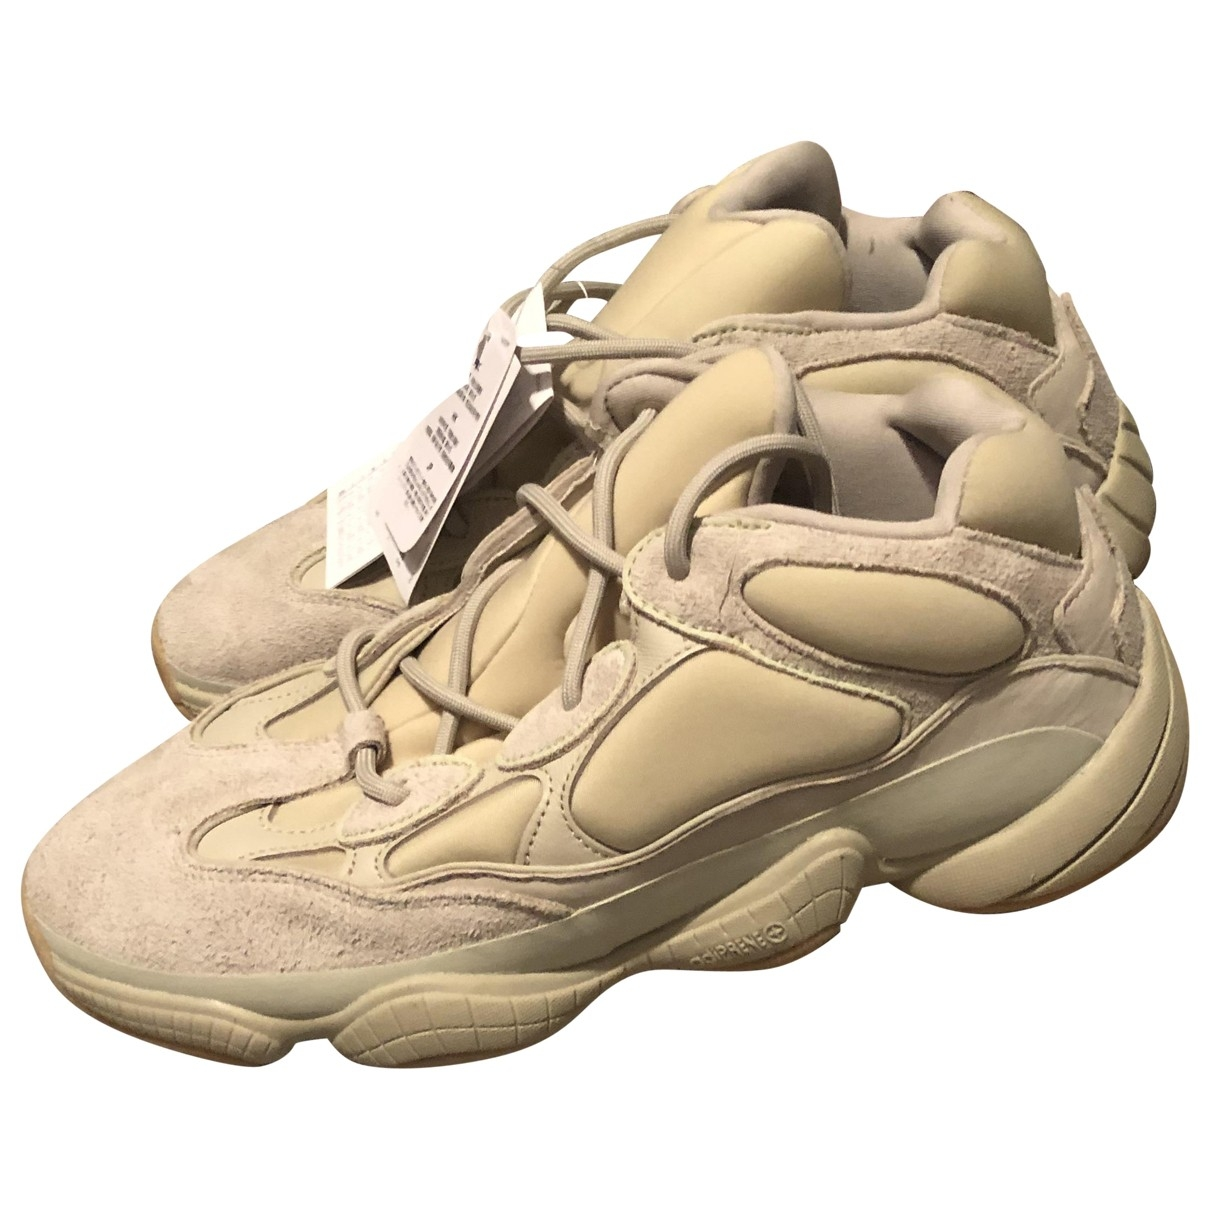 Yeezy X Adidas - Baskets 500 pour homme en cuir - beige